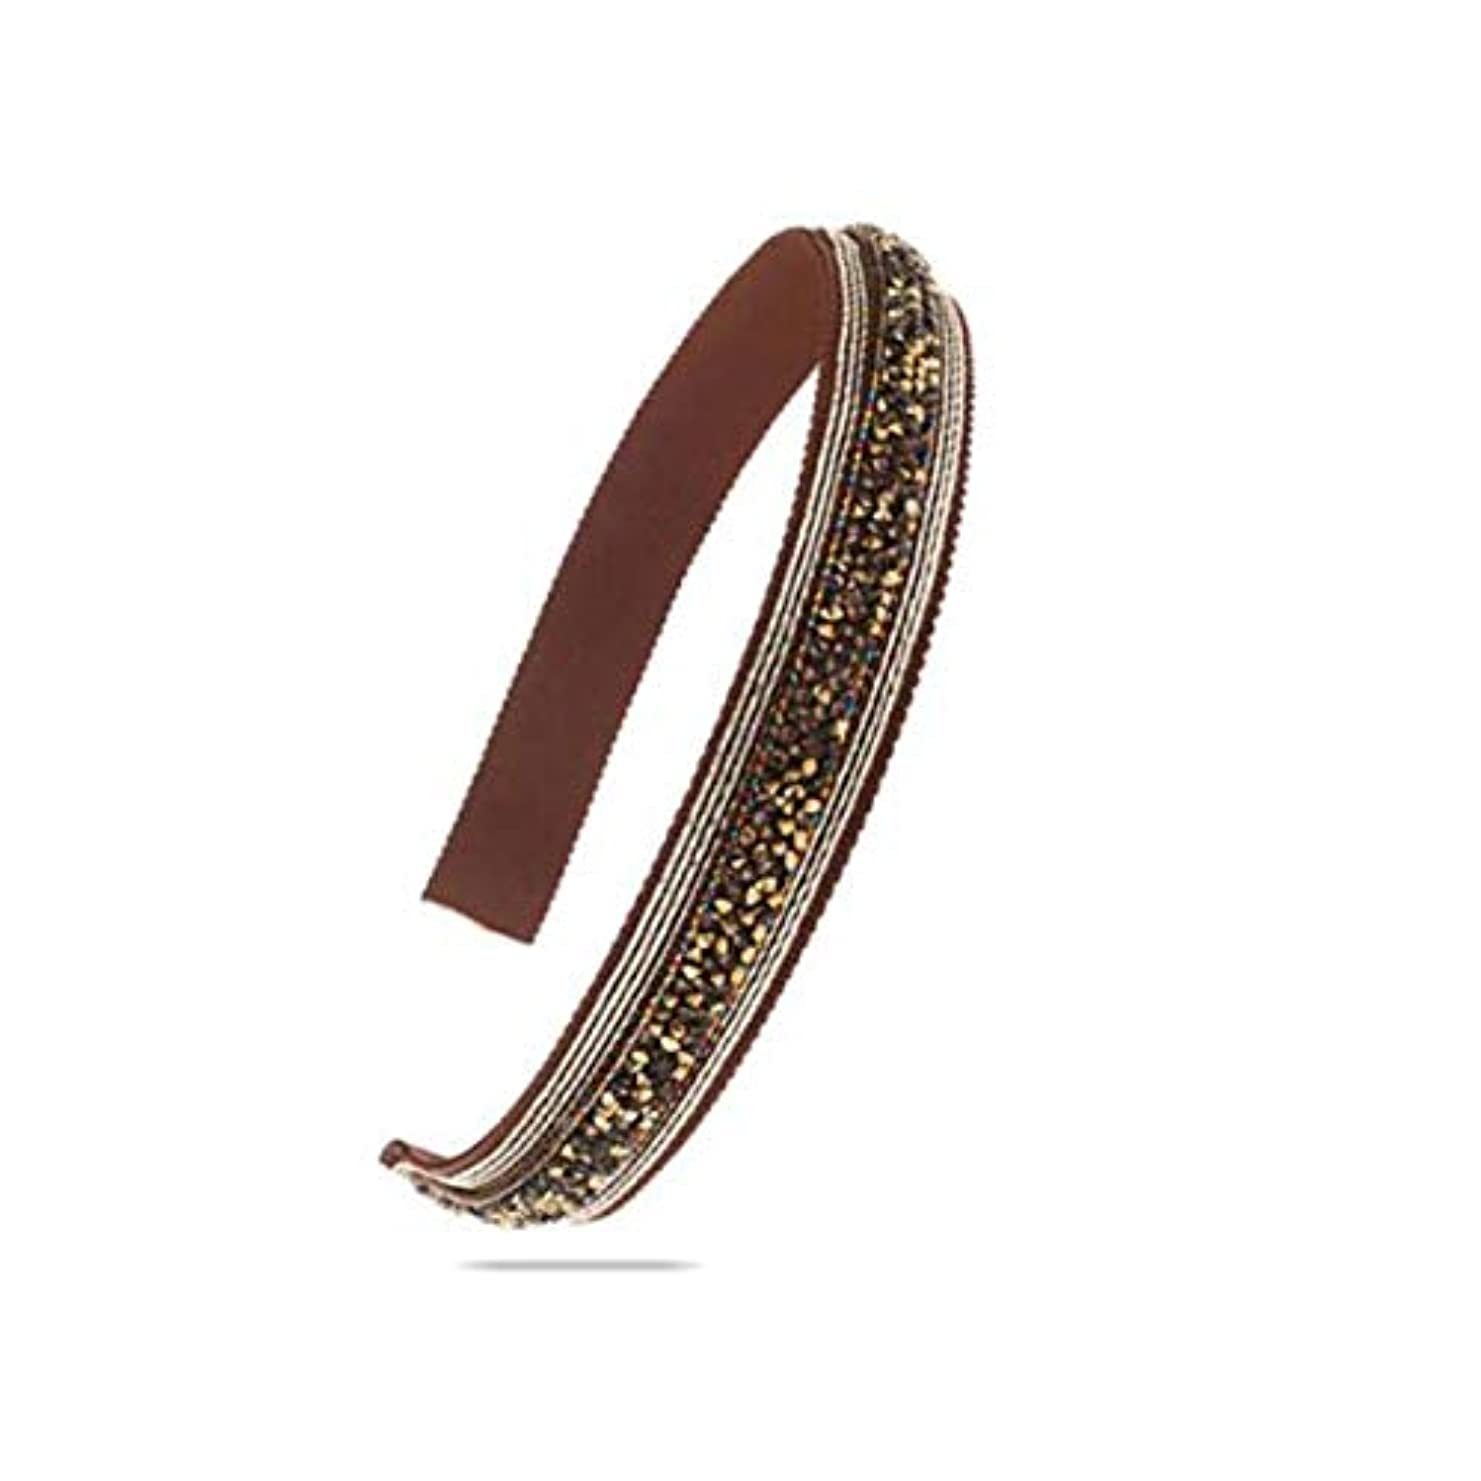 踏み台未満対称ヘアクリップ、ヘアピン、ヘアグリップ、ヘアグリップ、帽子ヘアアクセサリーヘッドバンドヘッドバンドヘアピンファブリックゴールドブラウン (Color : Gold brown)